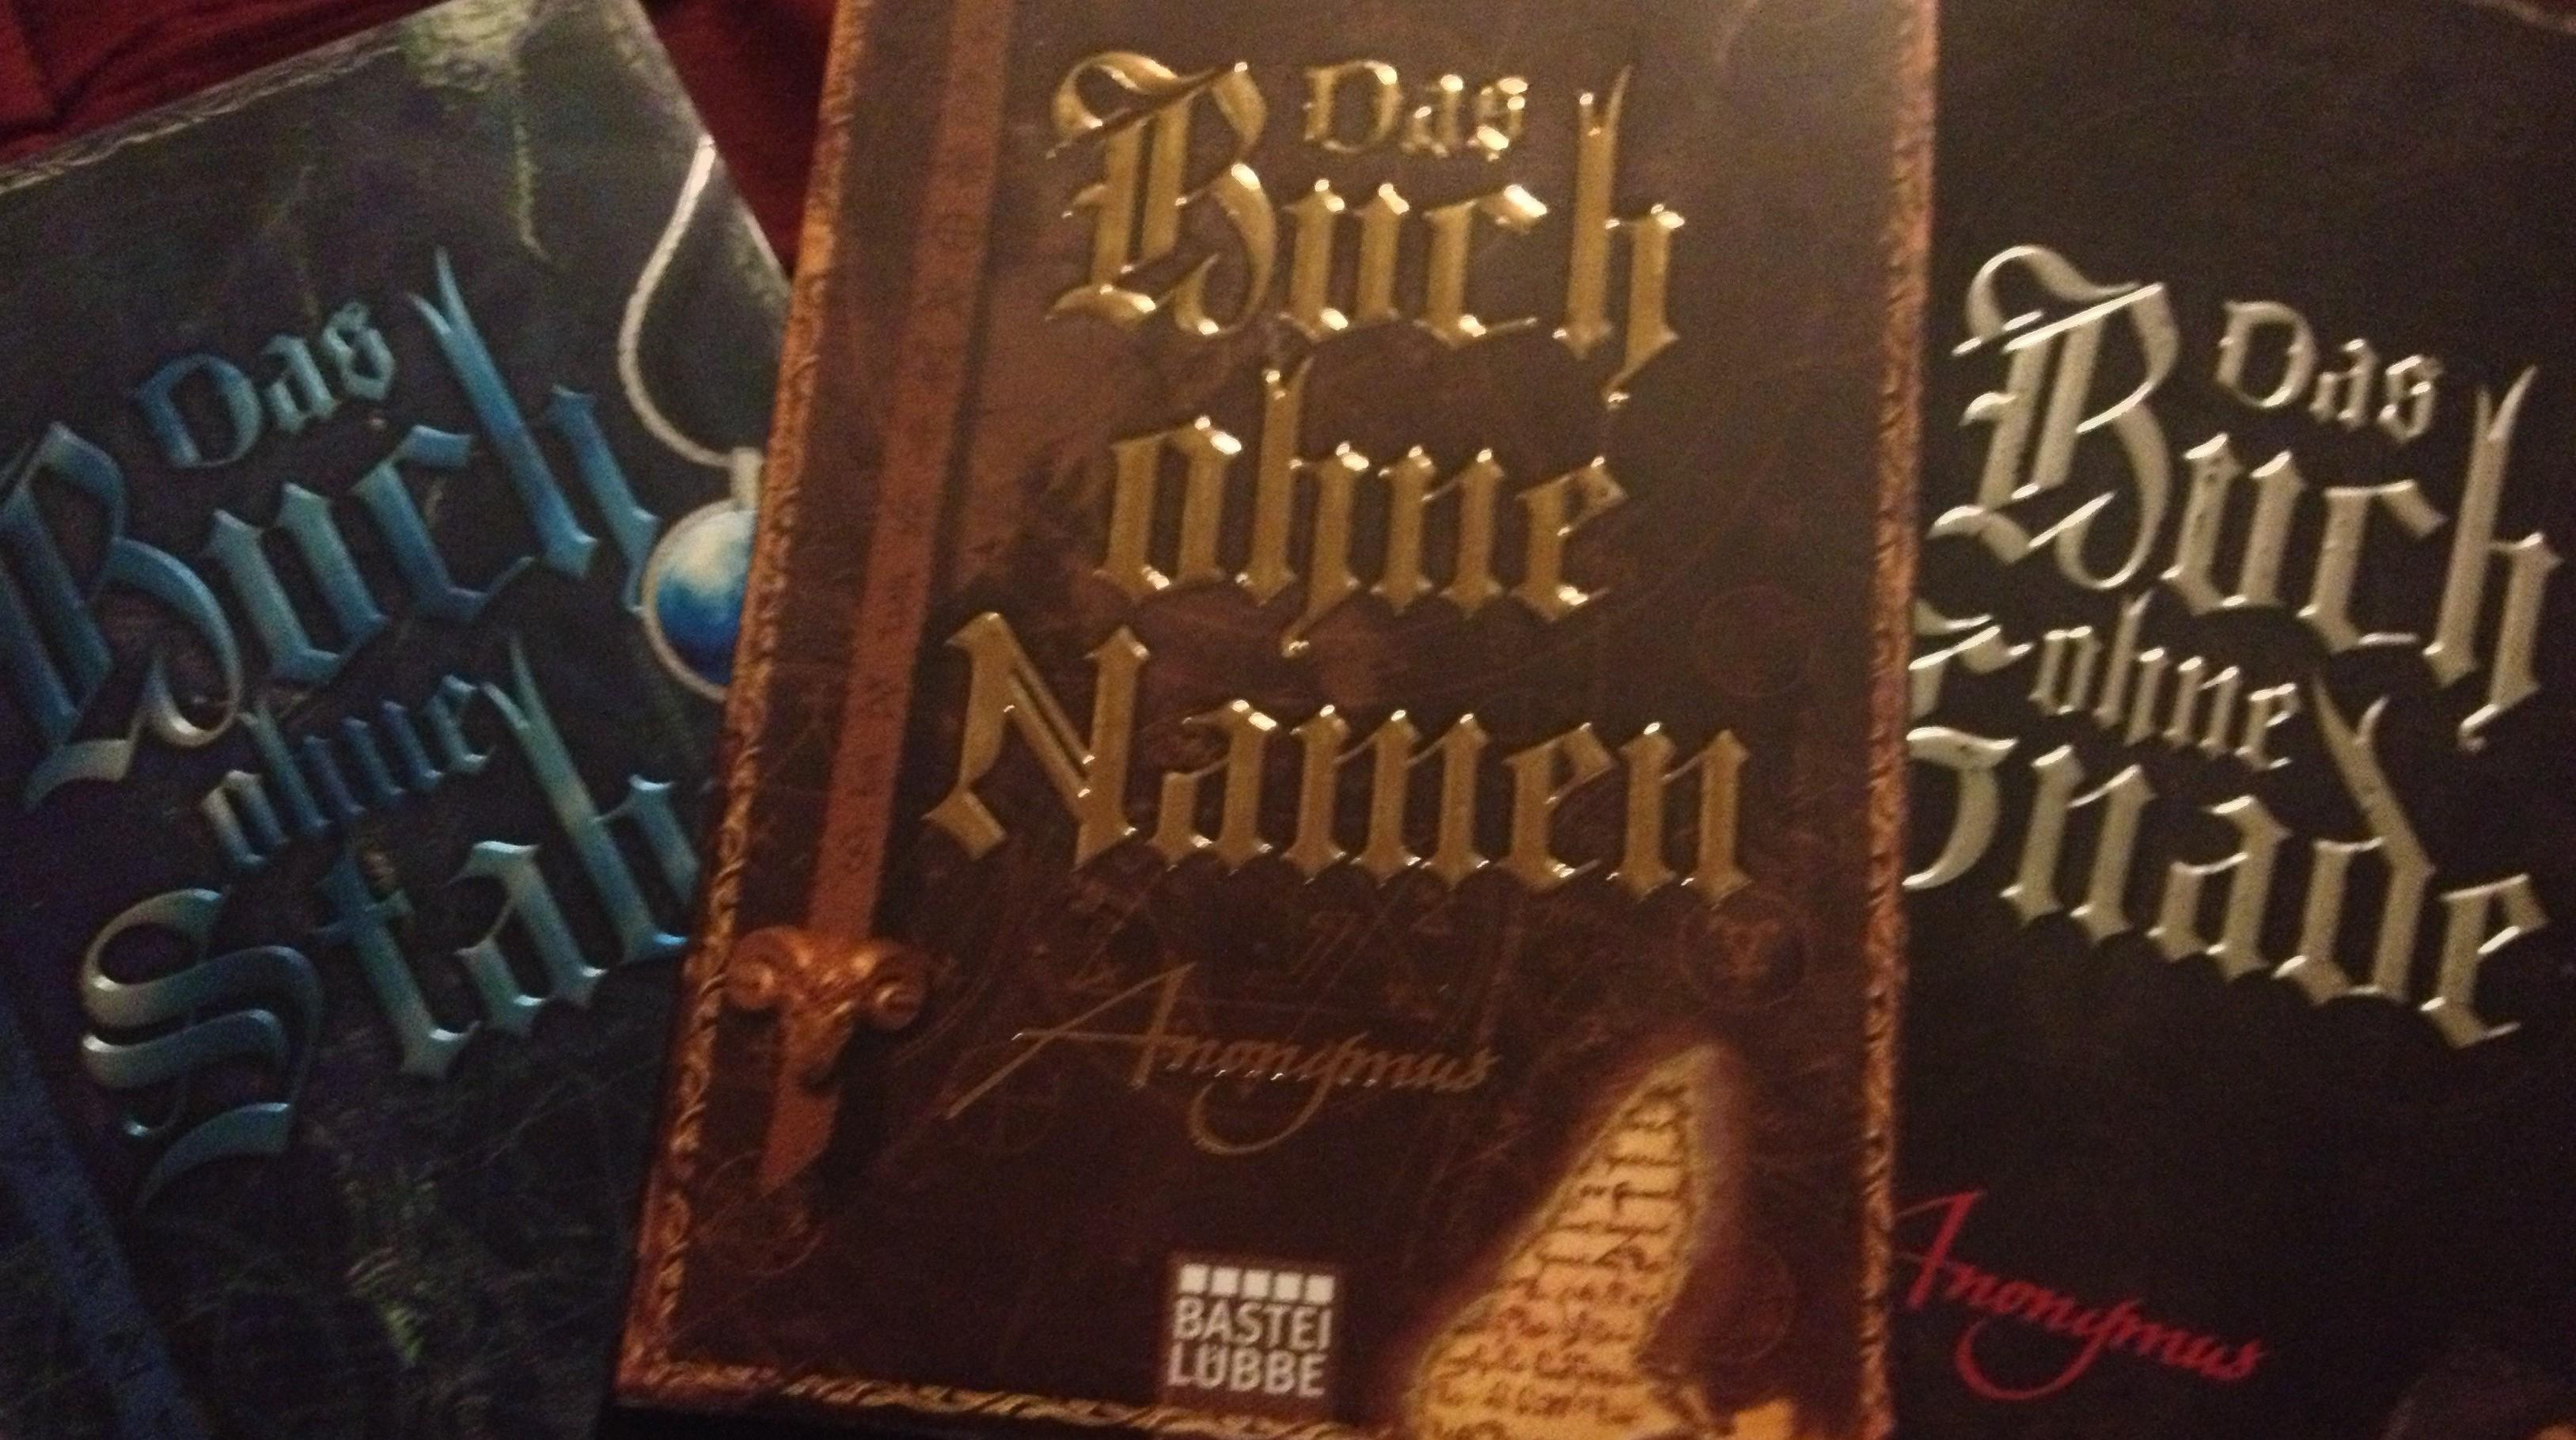 Das Buch ohne Namen, das Buch ohne Stabe und das Buch ohne Gnade von Anonymus